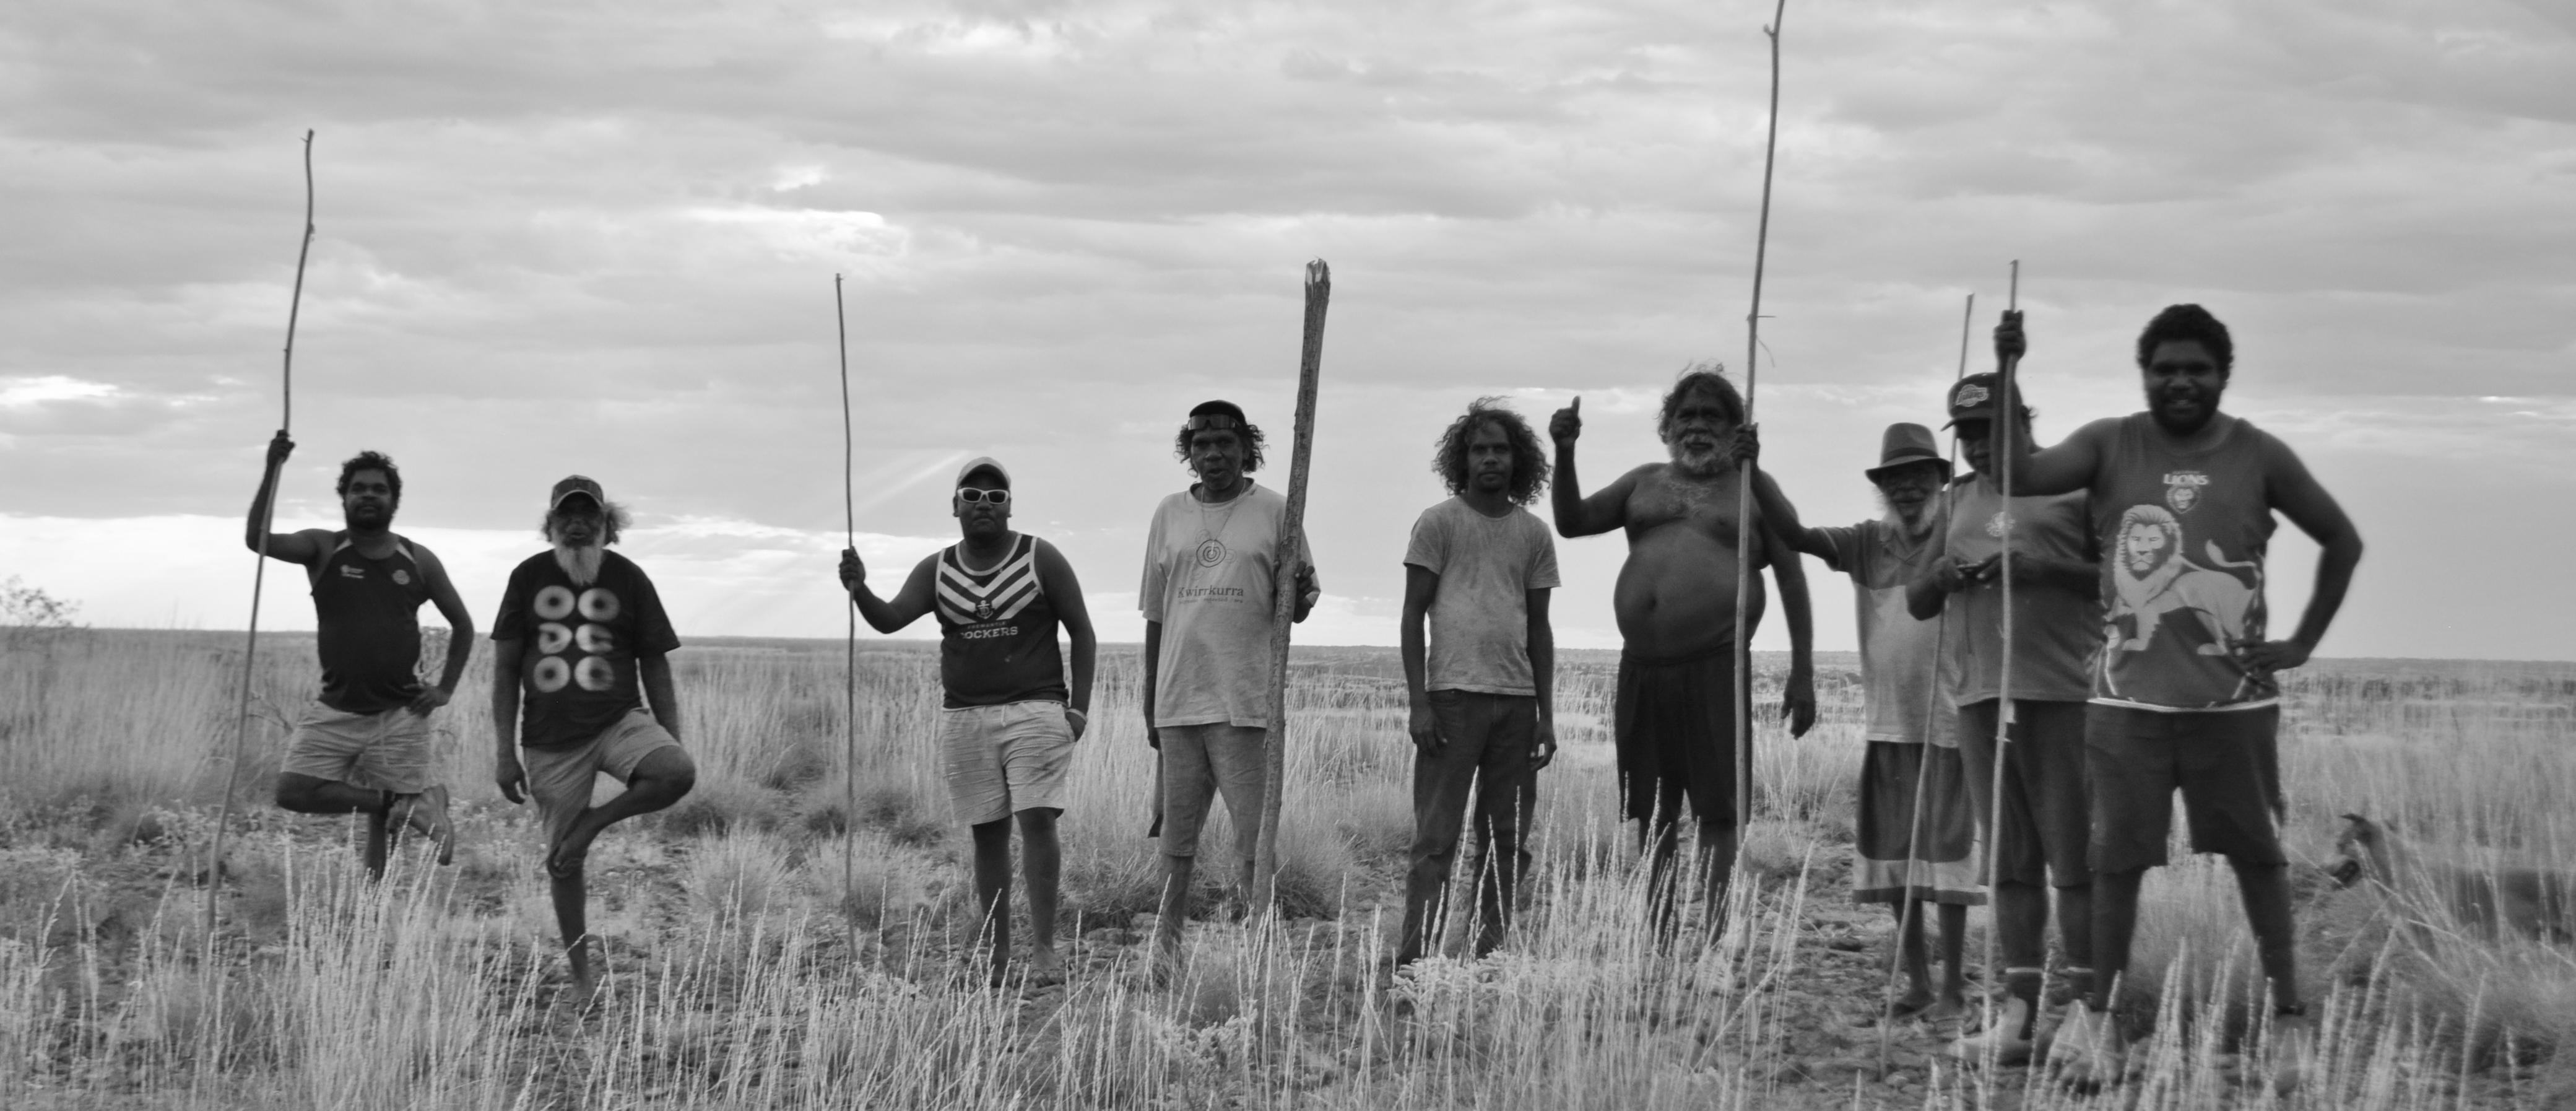 Kiwirrkurra men with their 'kulatas' (spears)